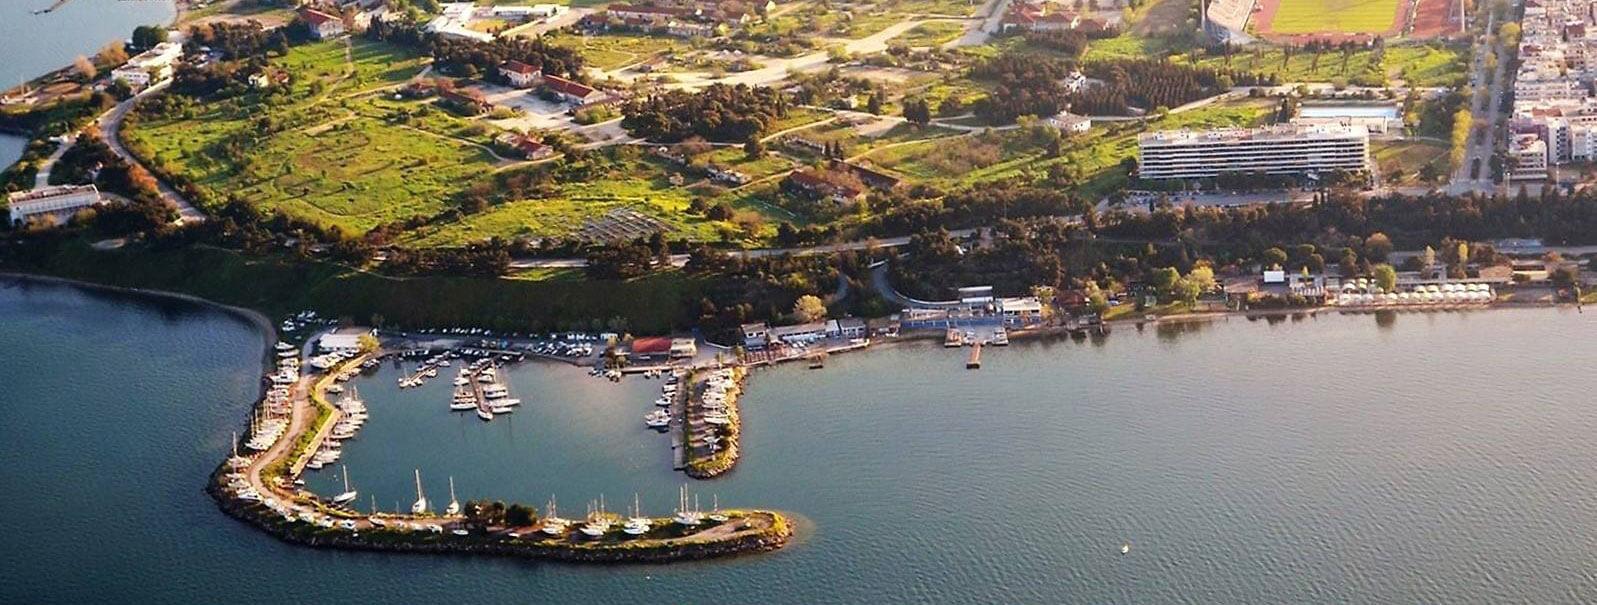 ΝΑΟΚΘ: Αθλητισμός και αίσθημα ανεξαρτησίας στη θάλασσα